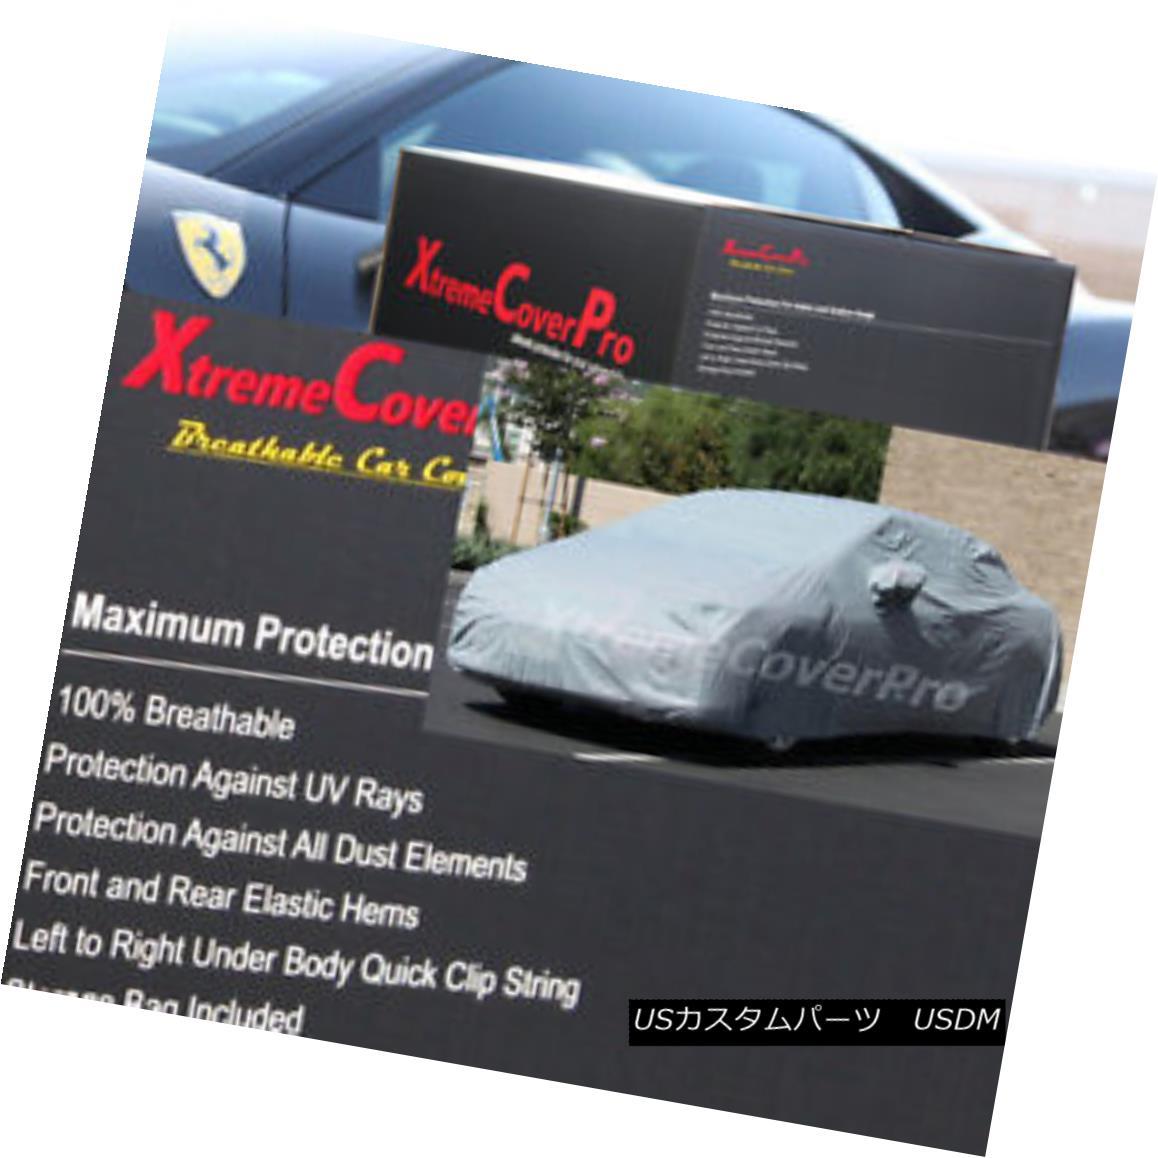 カーカバー 2008 2009 Mercury Sable Breathable Car Cover w/MirrorPocket MirrorPocketを搭載した2008年の水銀セーブル通気性車カバー